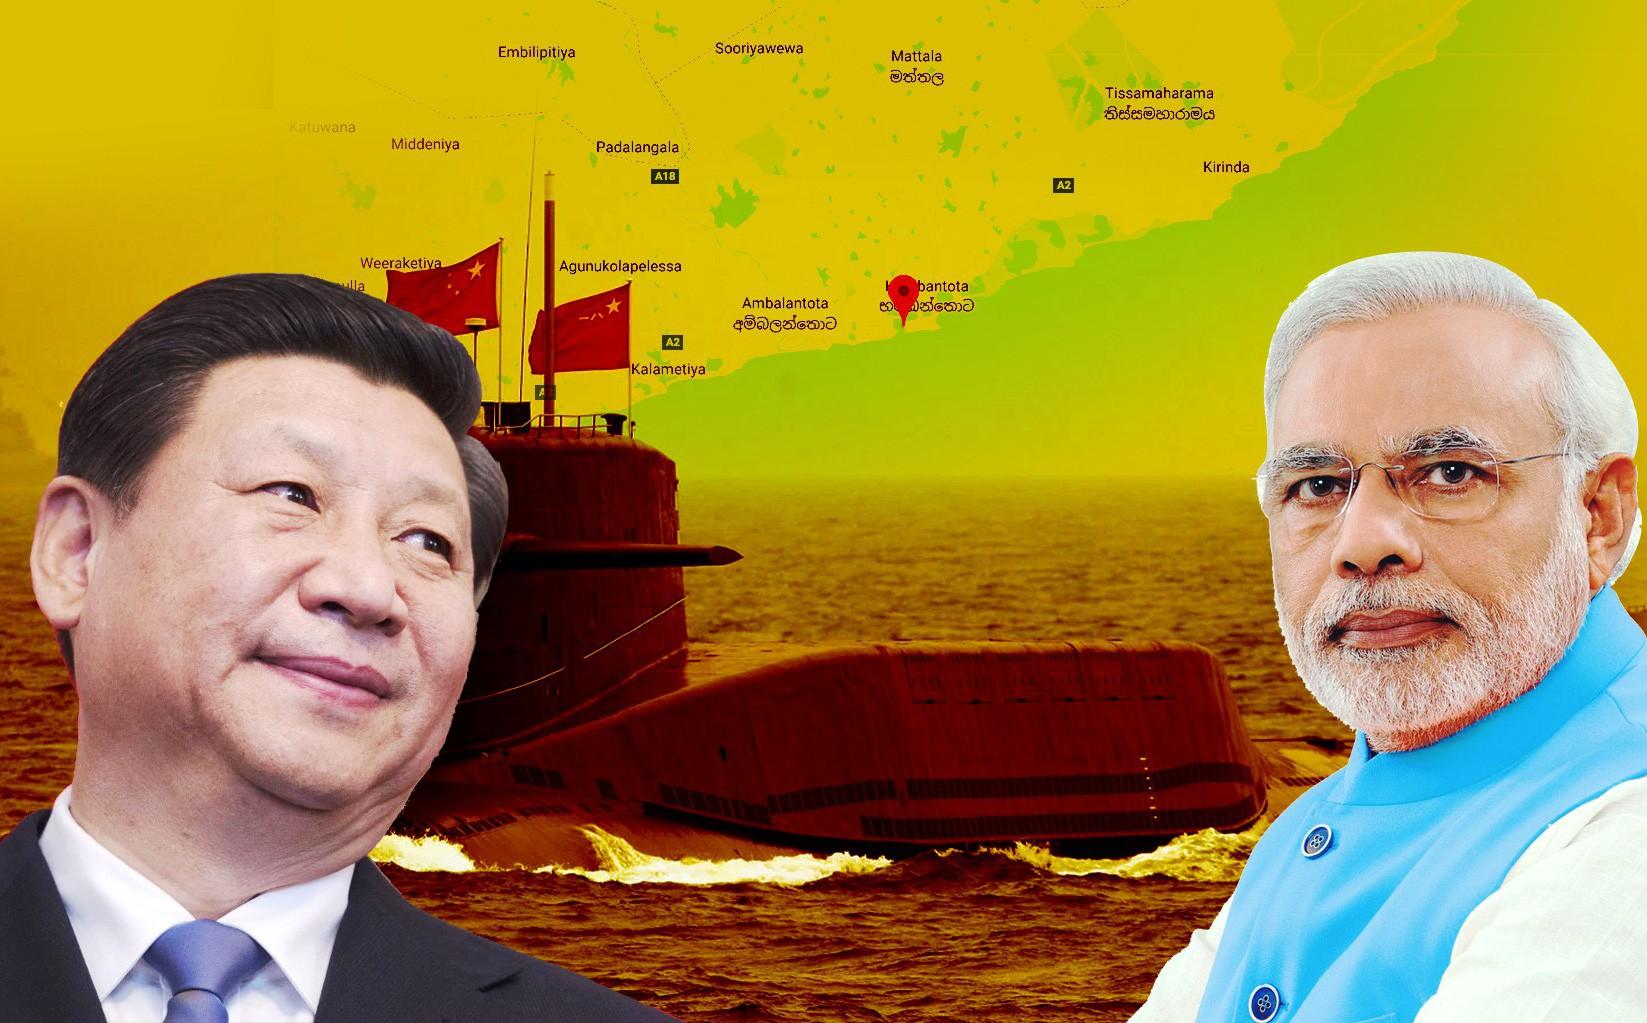 TQ siết chuỗi ngọc trai, Ấn Độ cay đắng nhìn chiến lược của Bắc Kinh